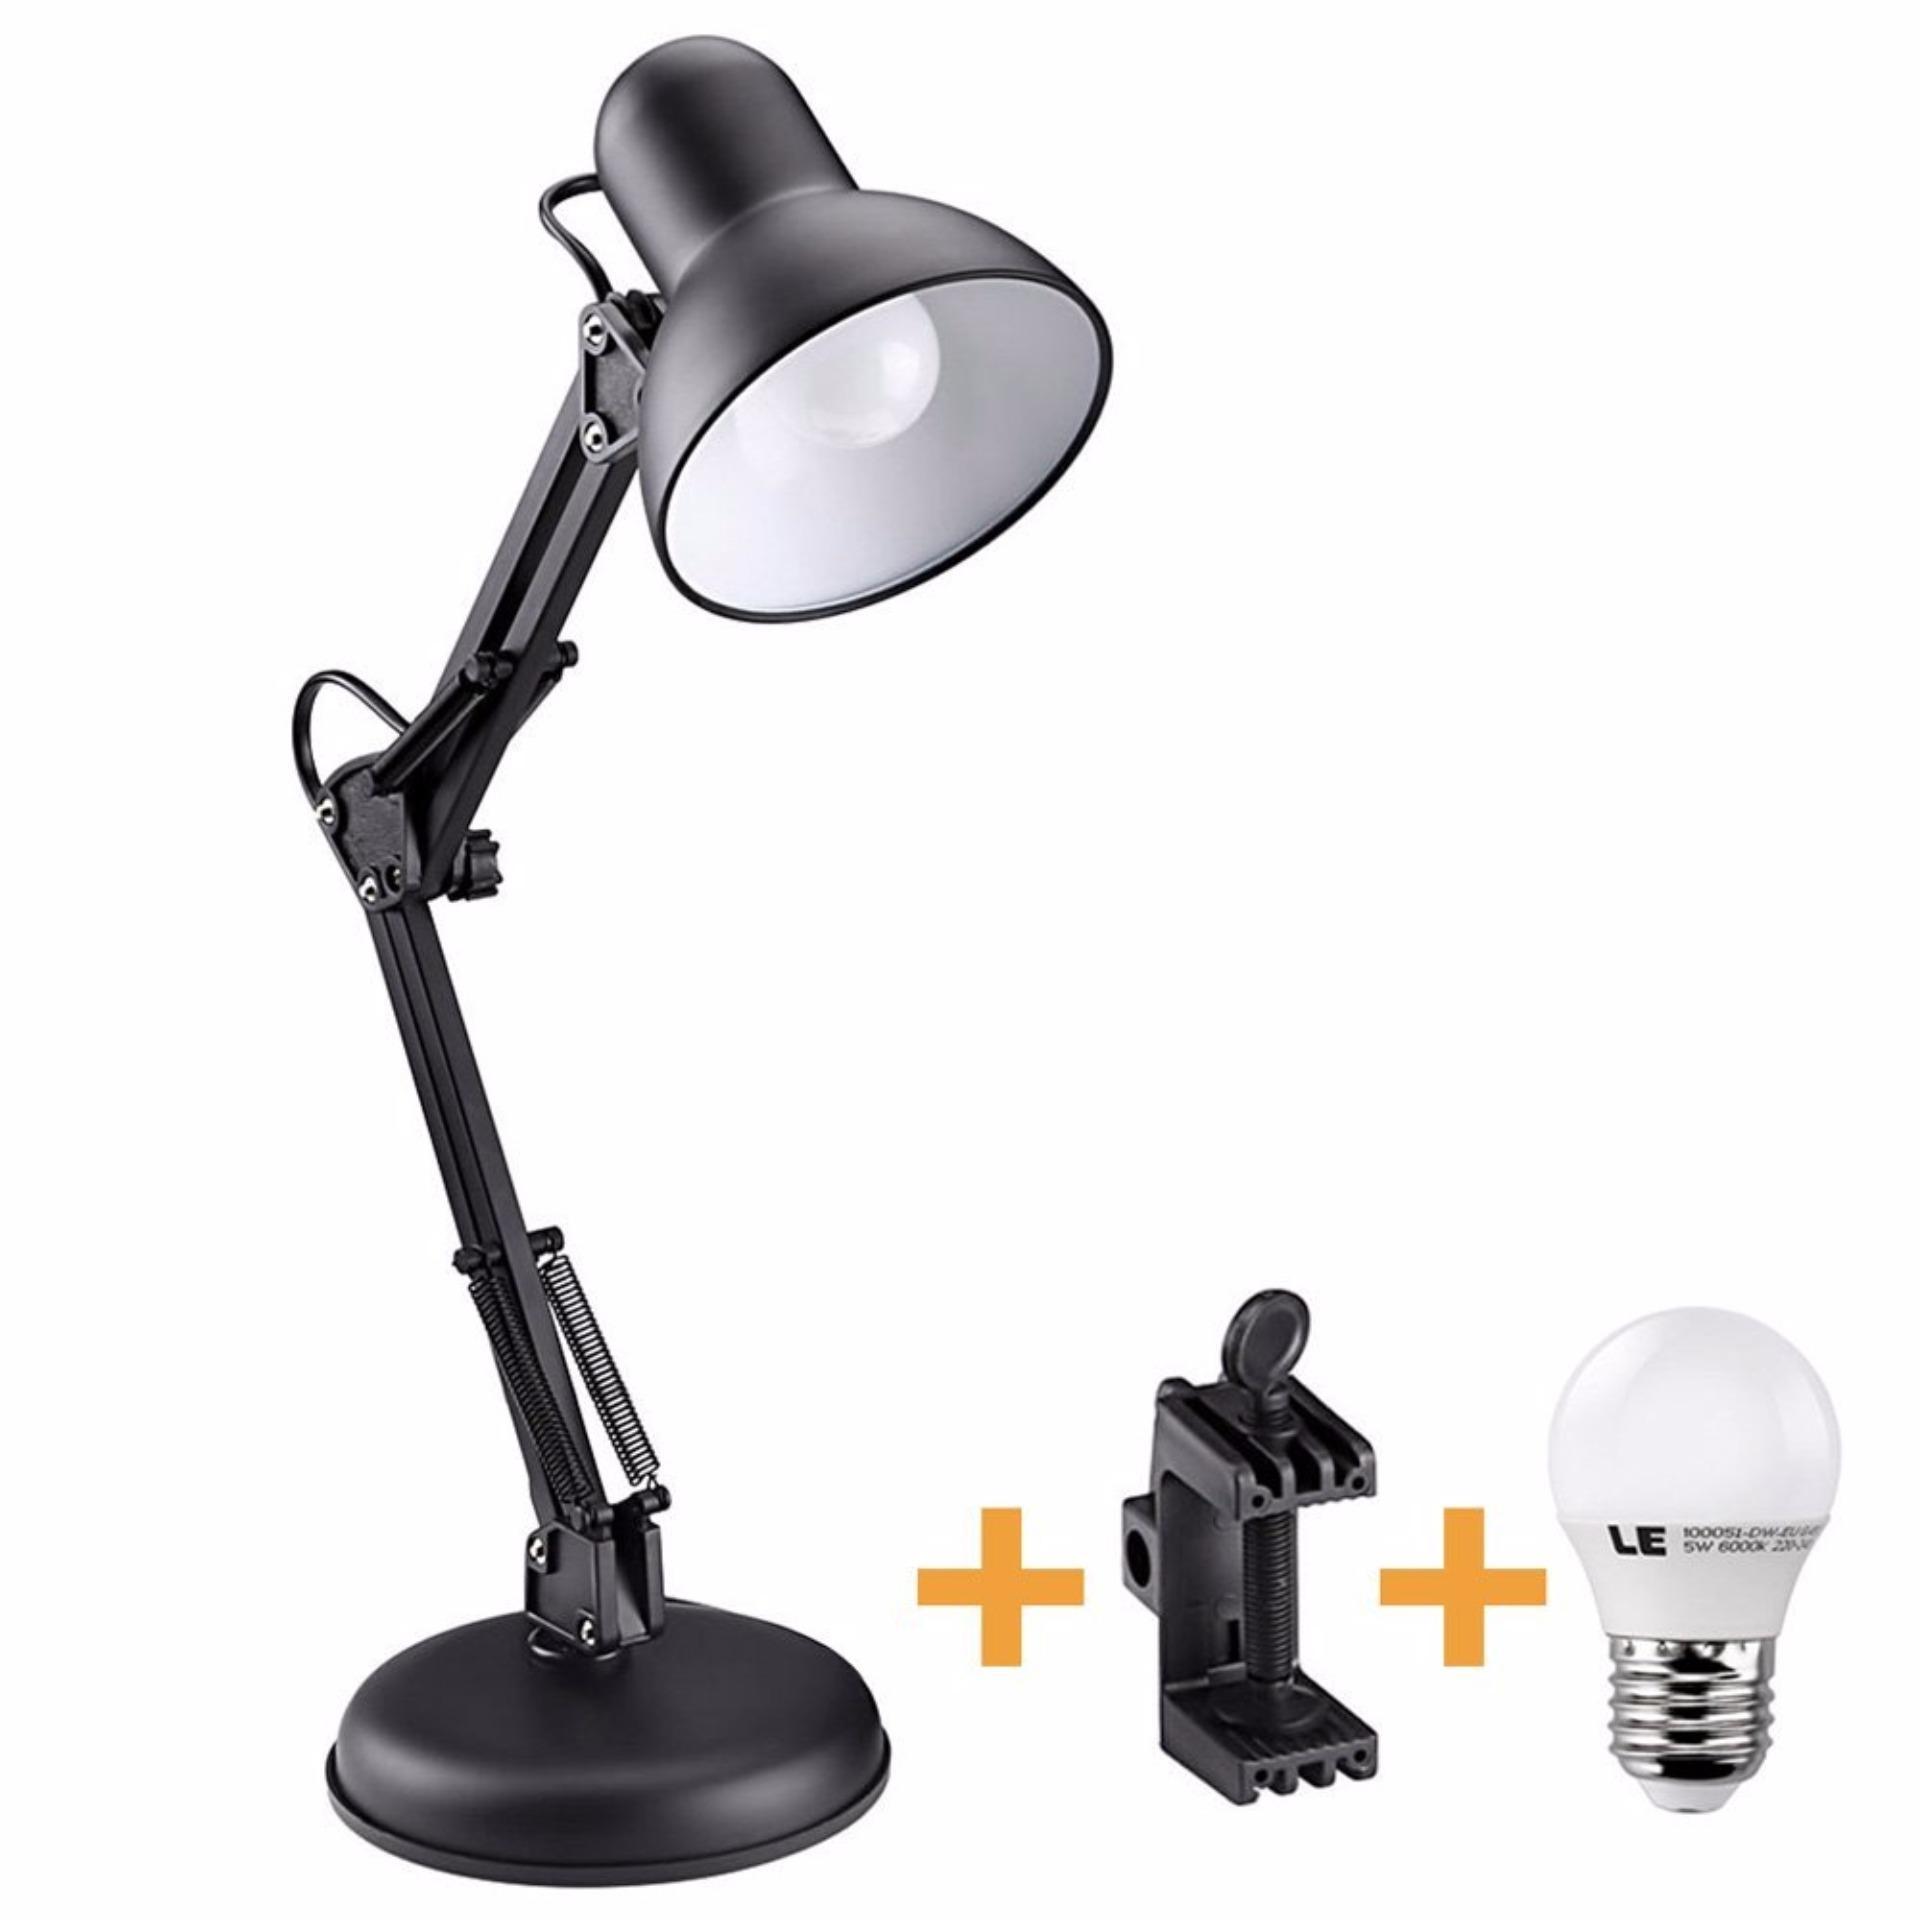 Giá Niêm Yết Đèn để bàn học tập, làm việc (có chân kẹp bàn) Pixar MT-322 + Tặng 1 bóng LED 7W